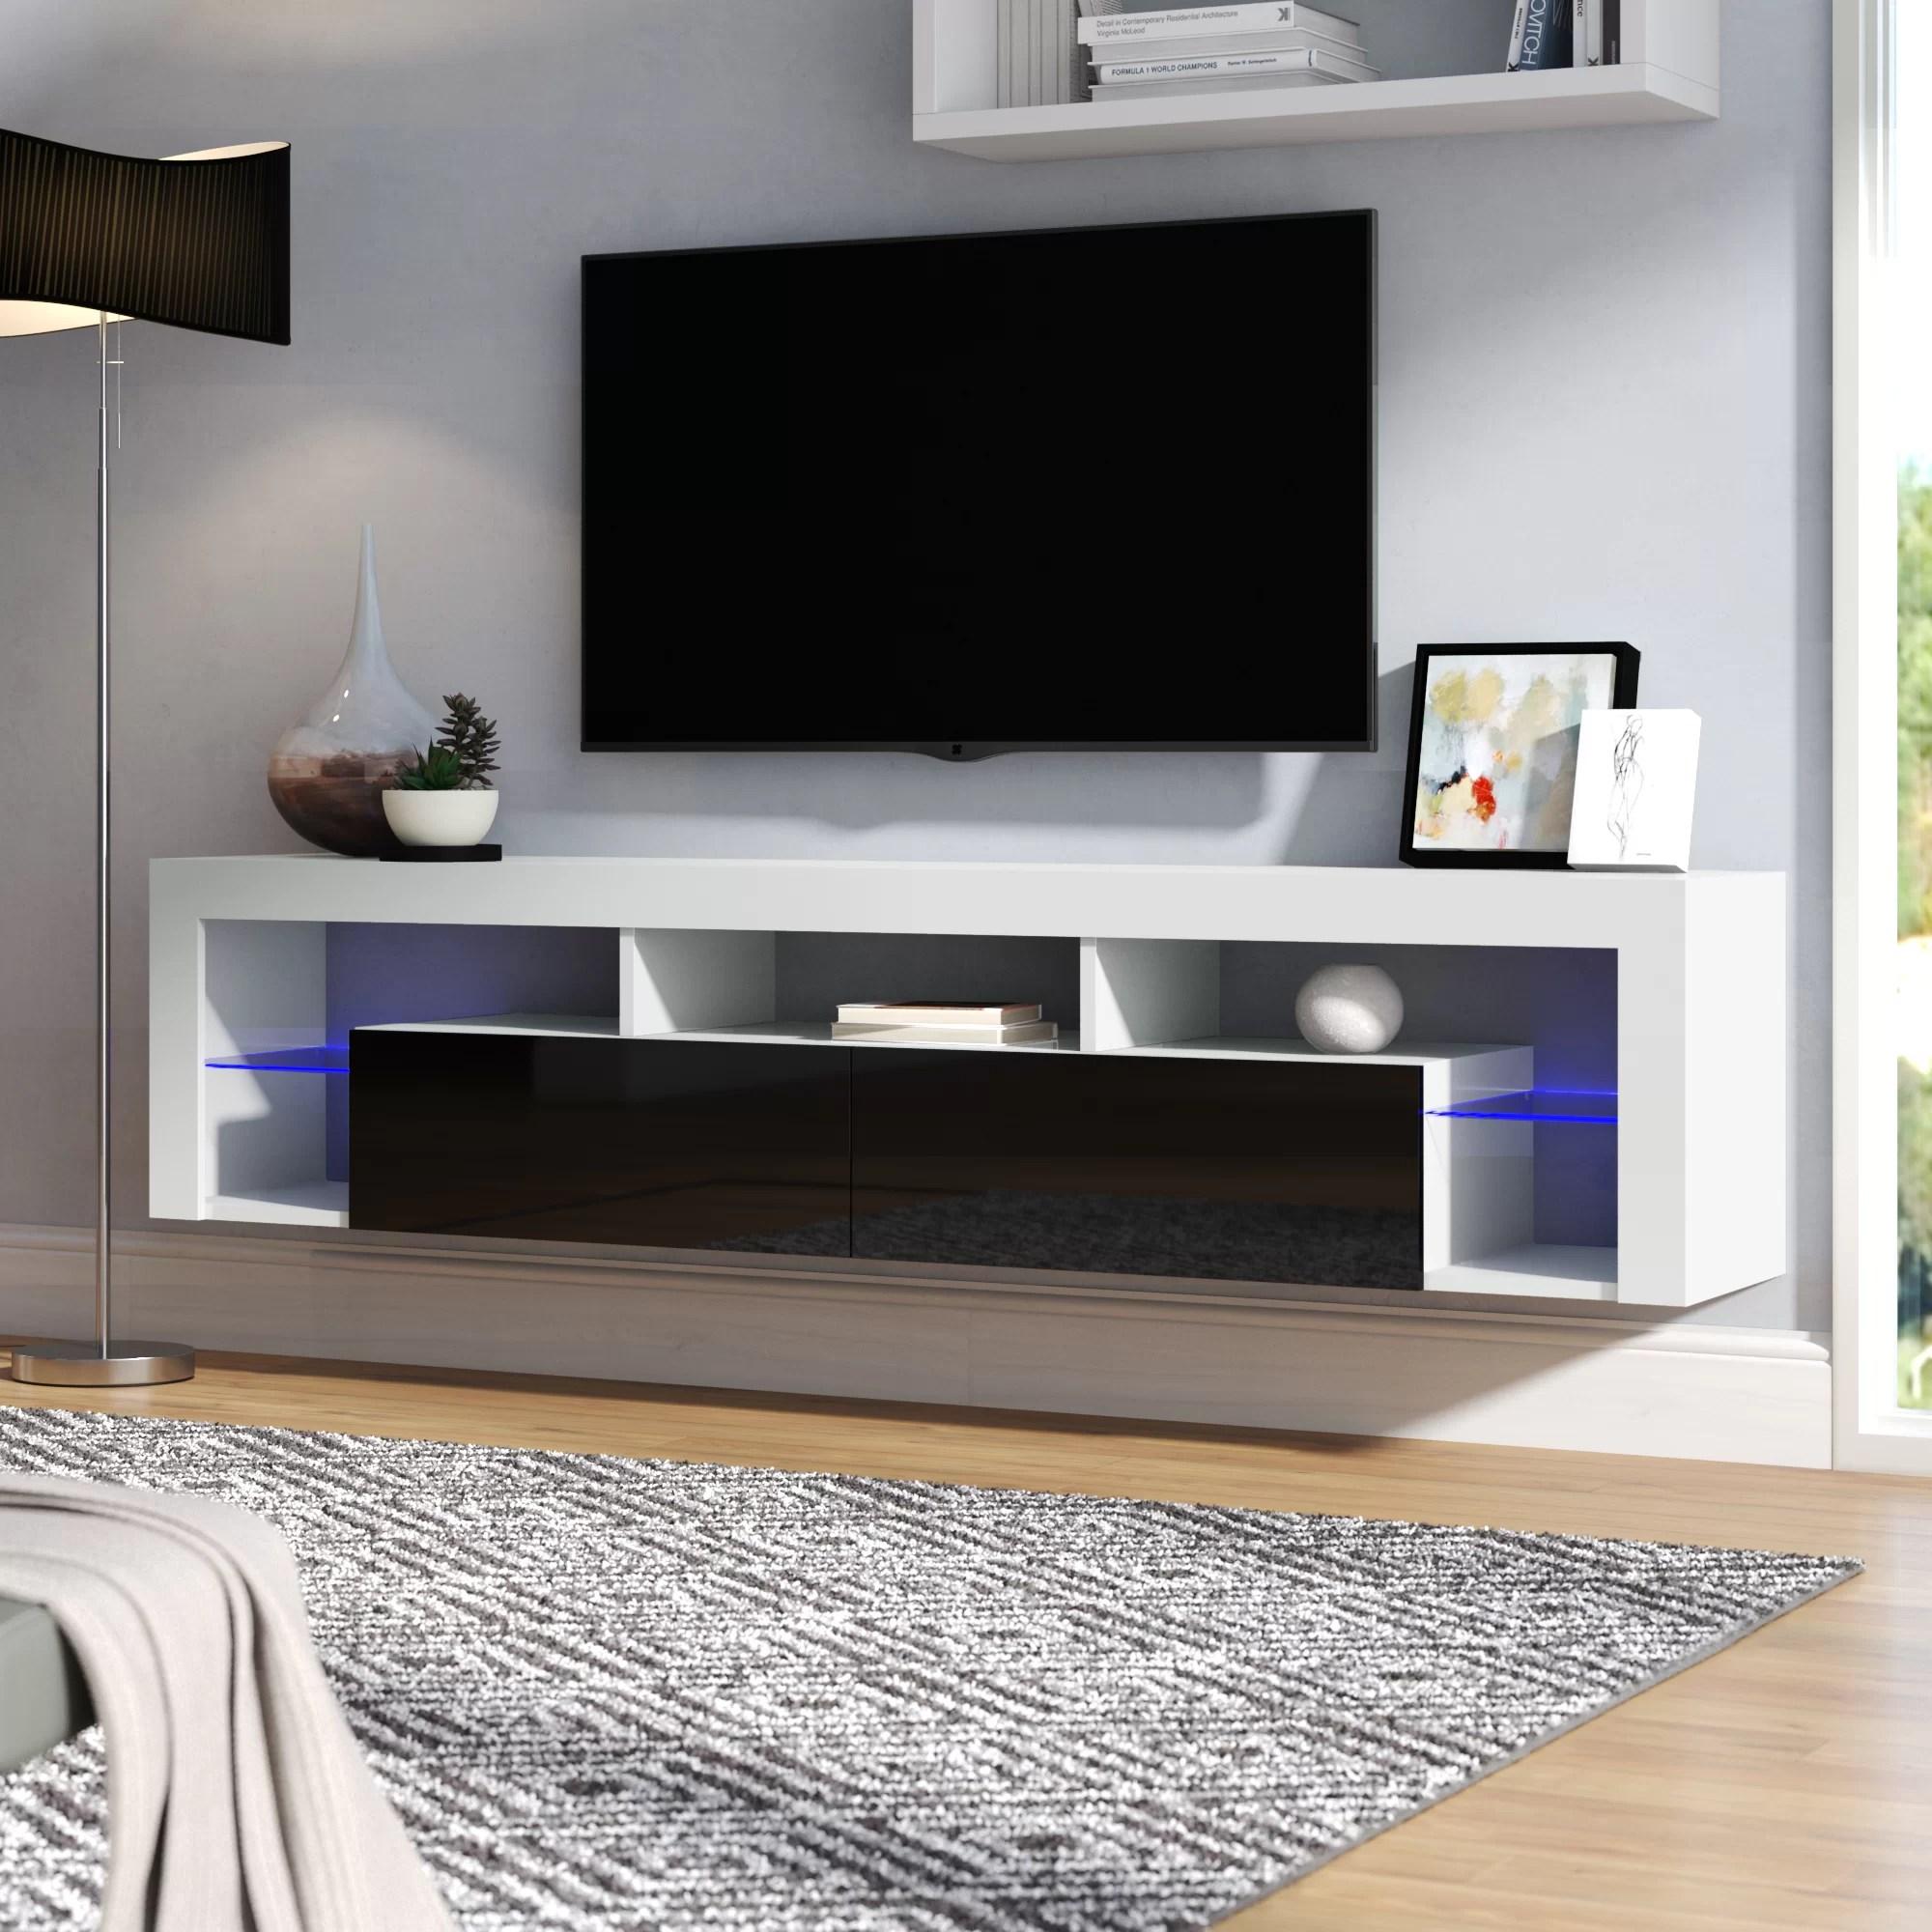 Wood Wall Tv Stand Media Shelves Floating Av Stands Entertainment Center Black